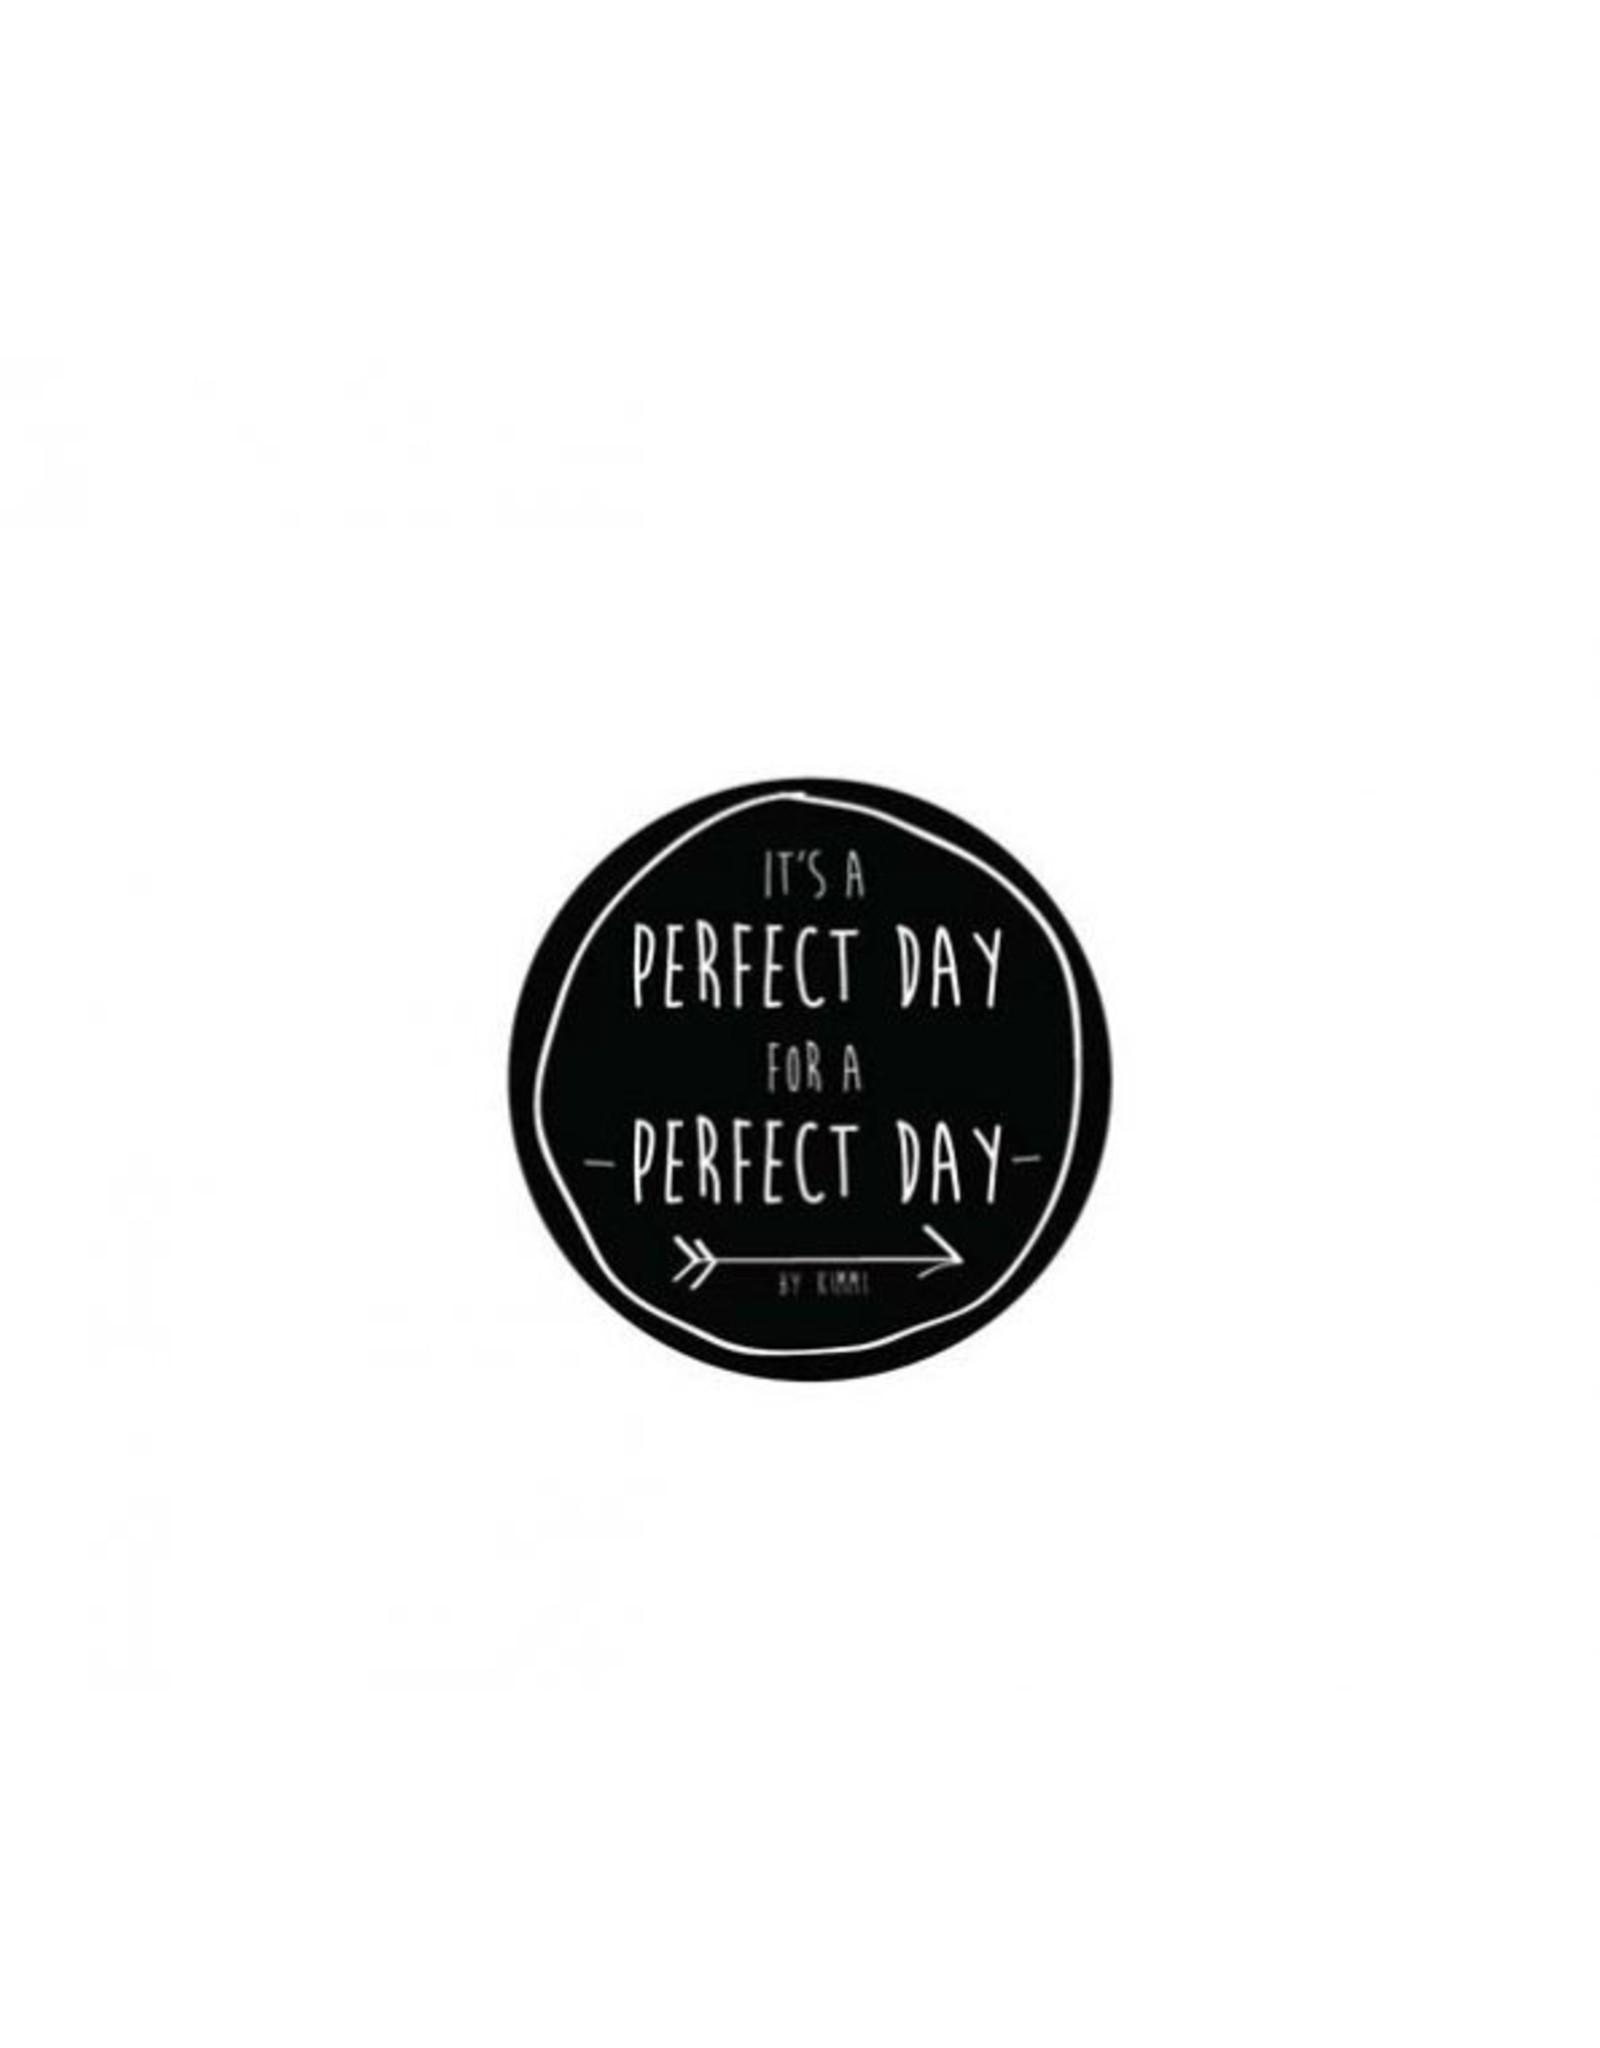 Rustik Lys Kaars in weckpot met tekst | Perfect Day